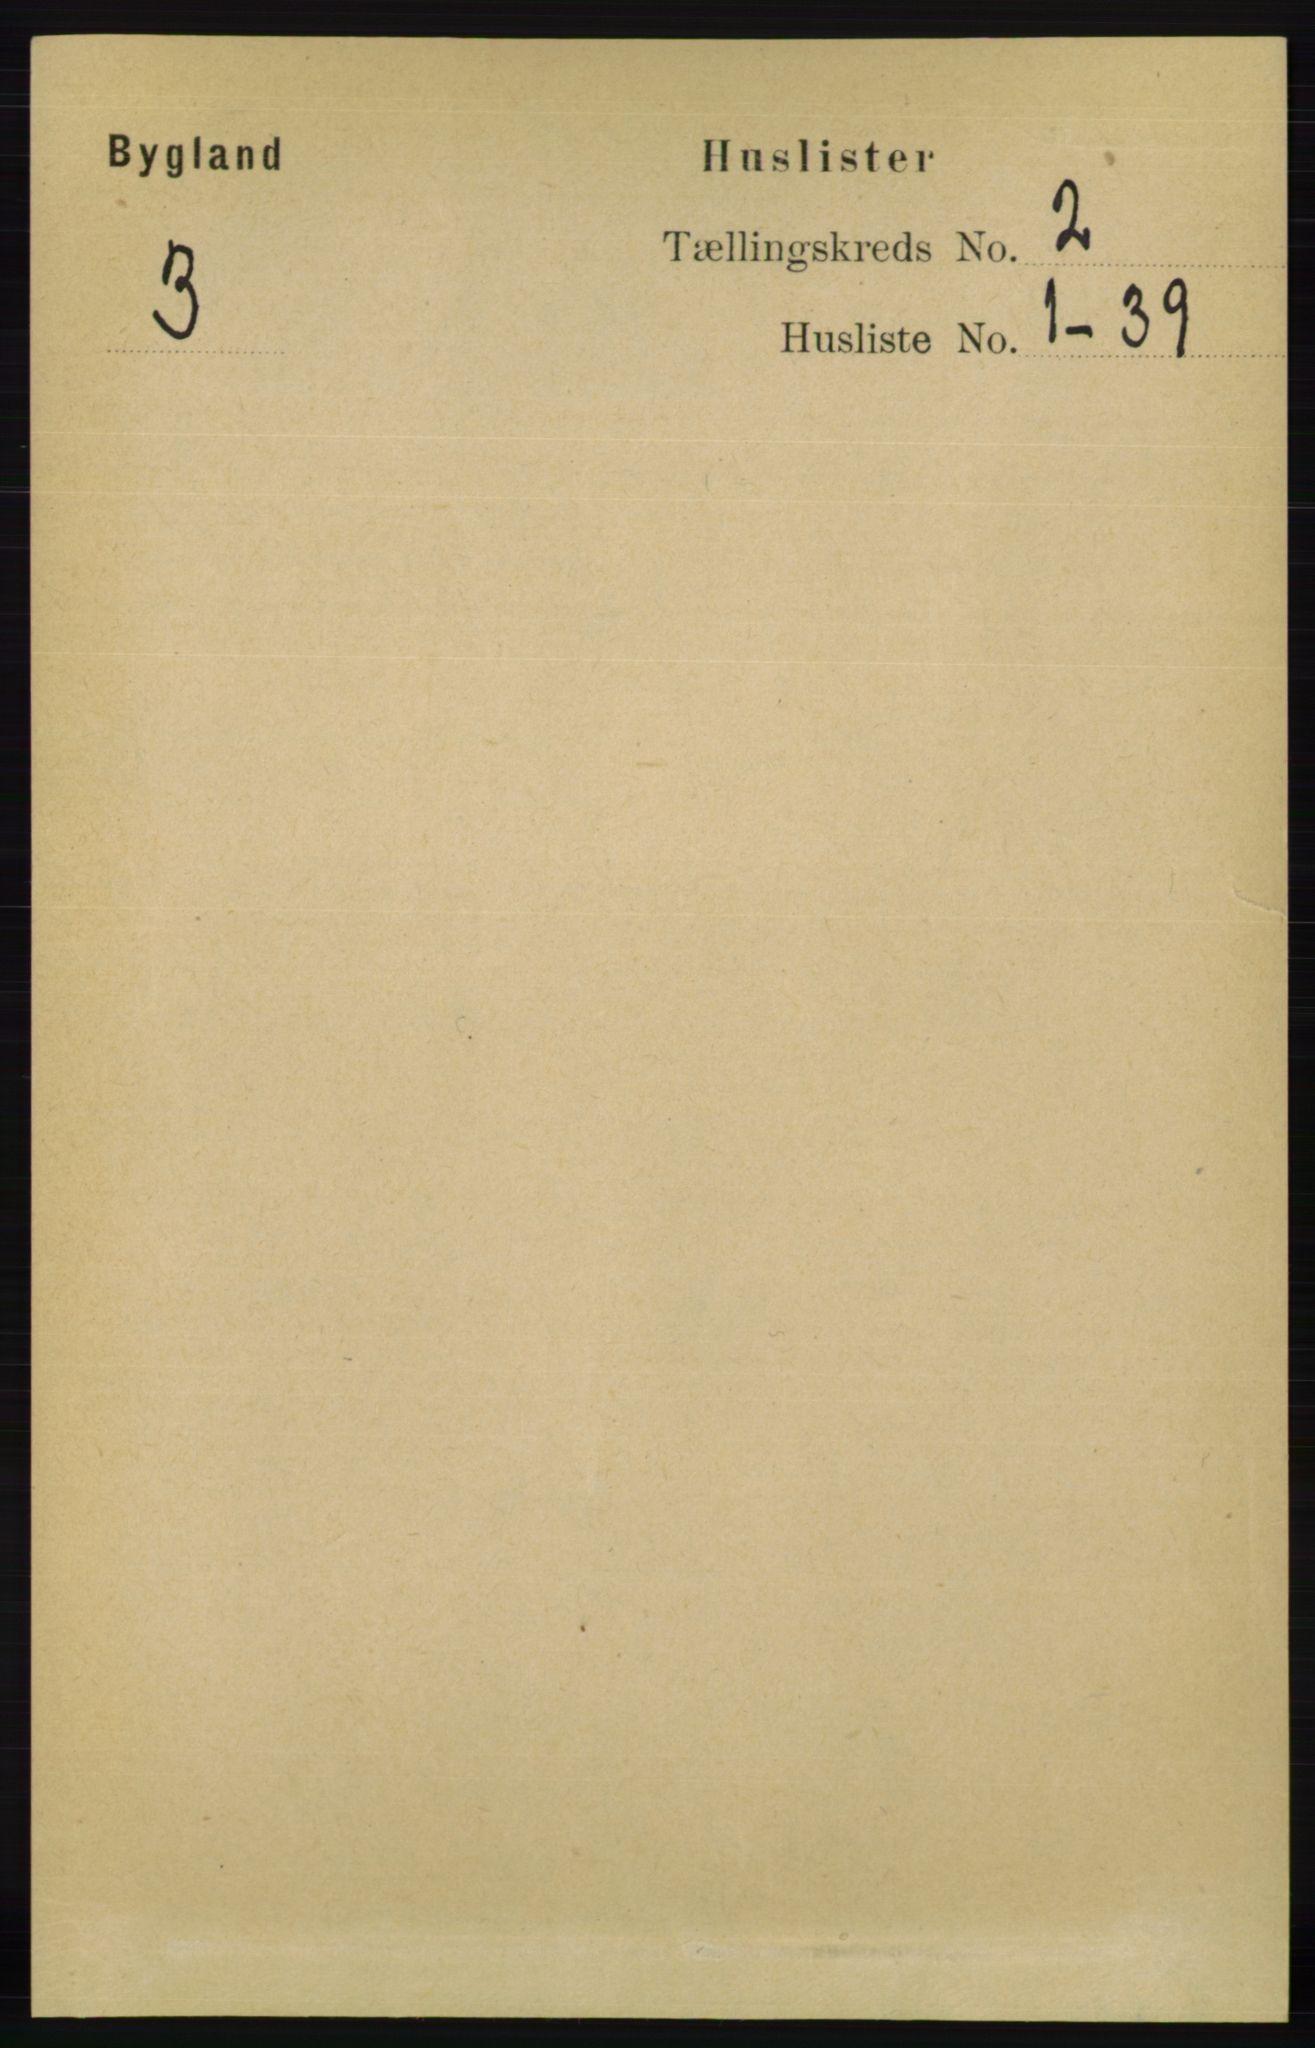 RA, Folketelling 1891 for 0938 Bygland herred, 1891, s. 213